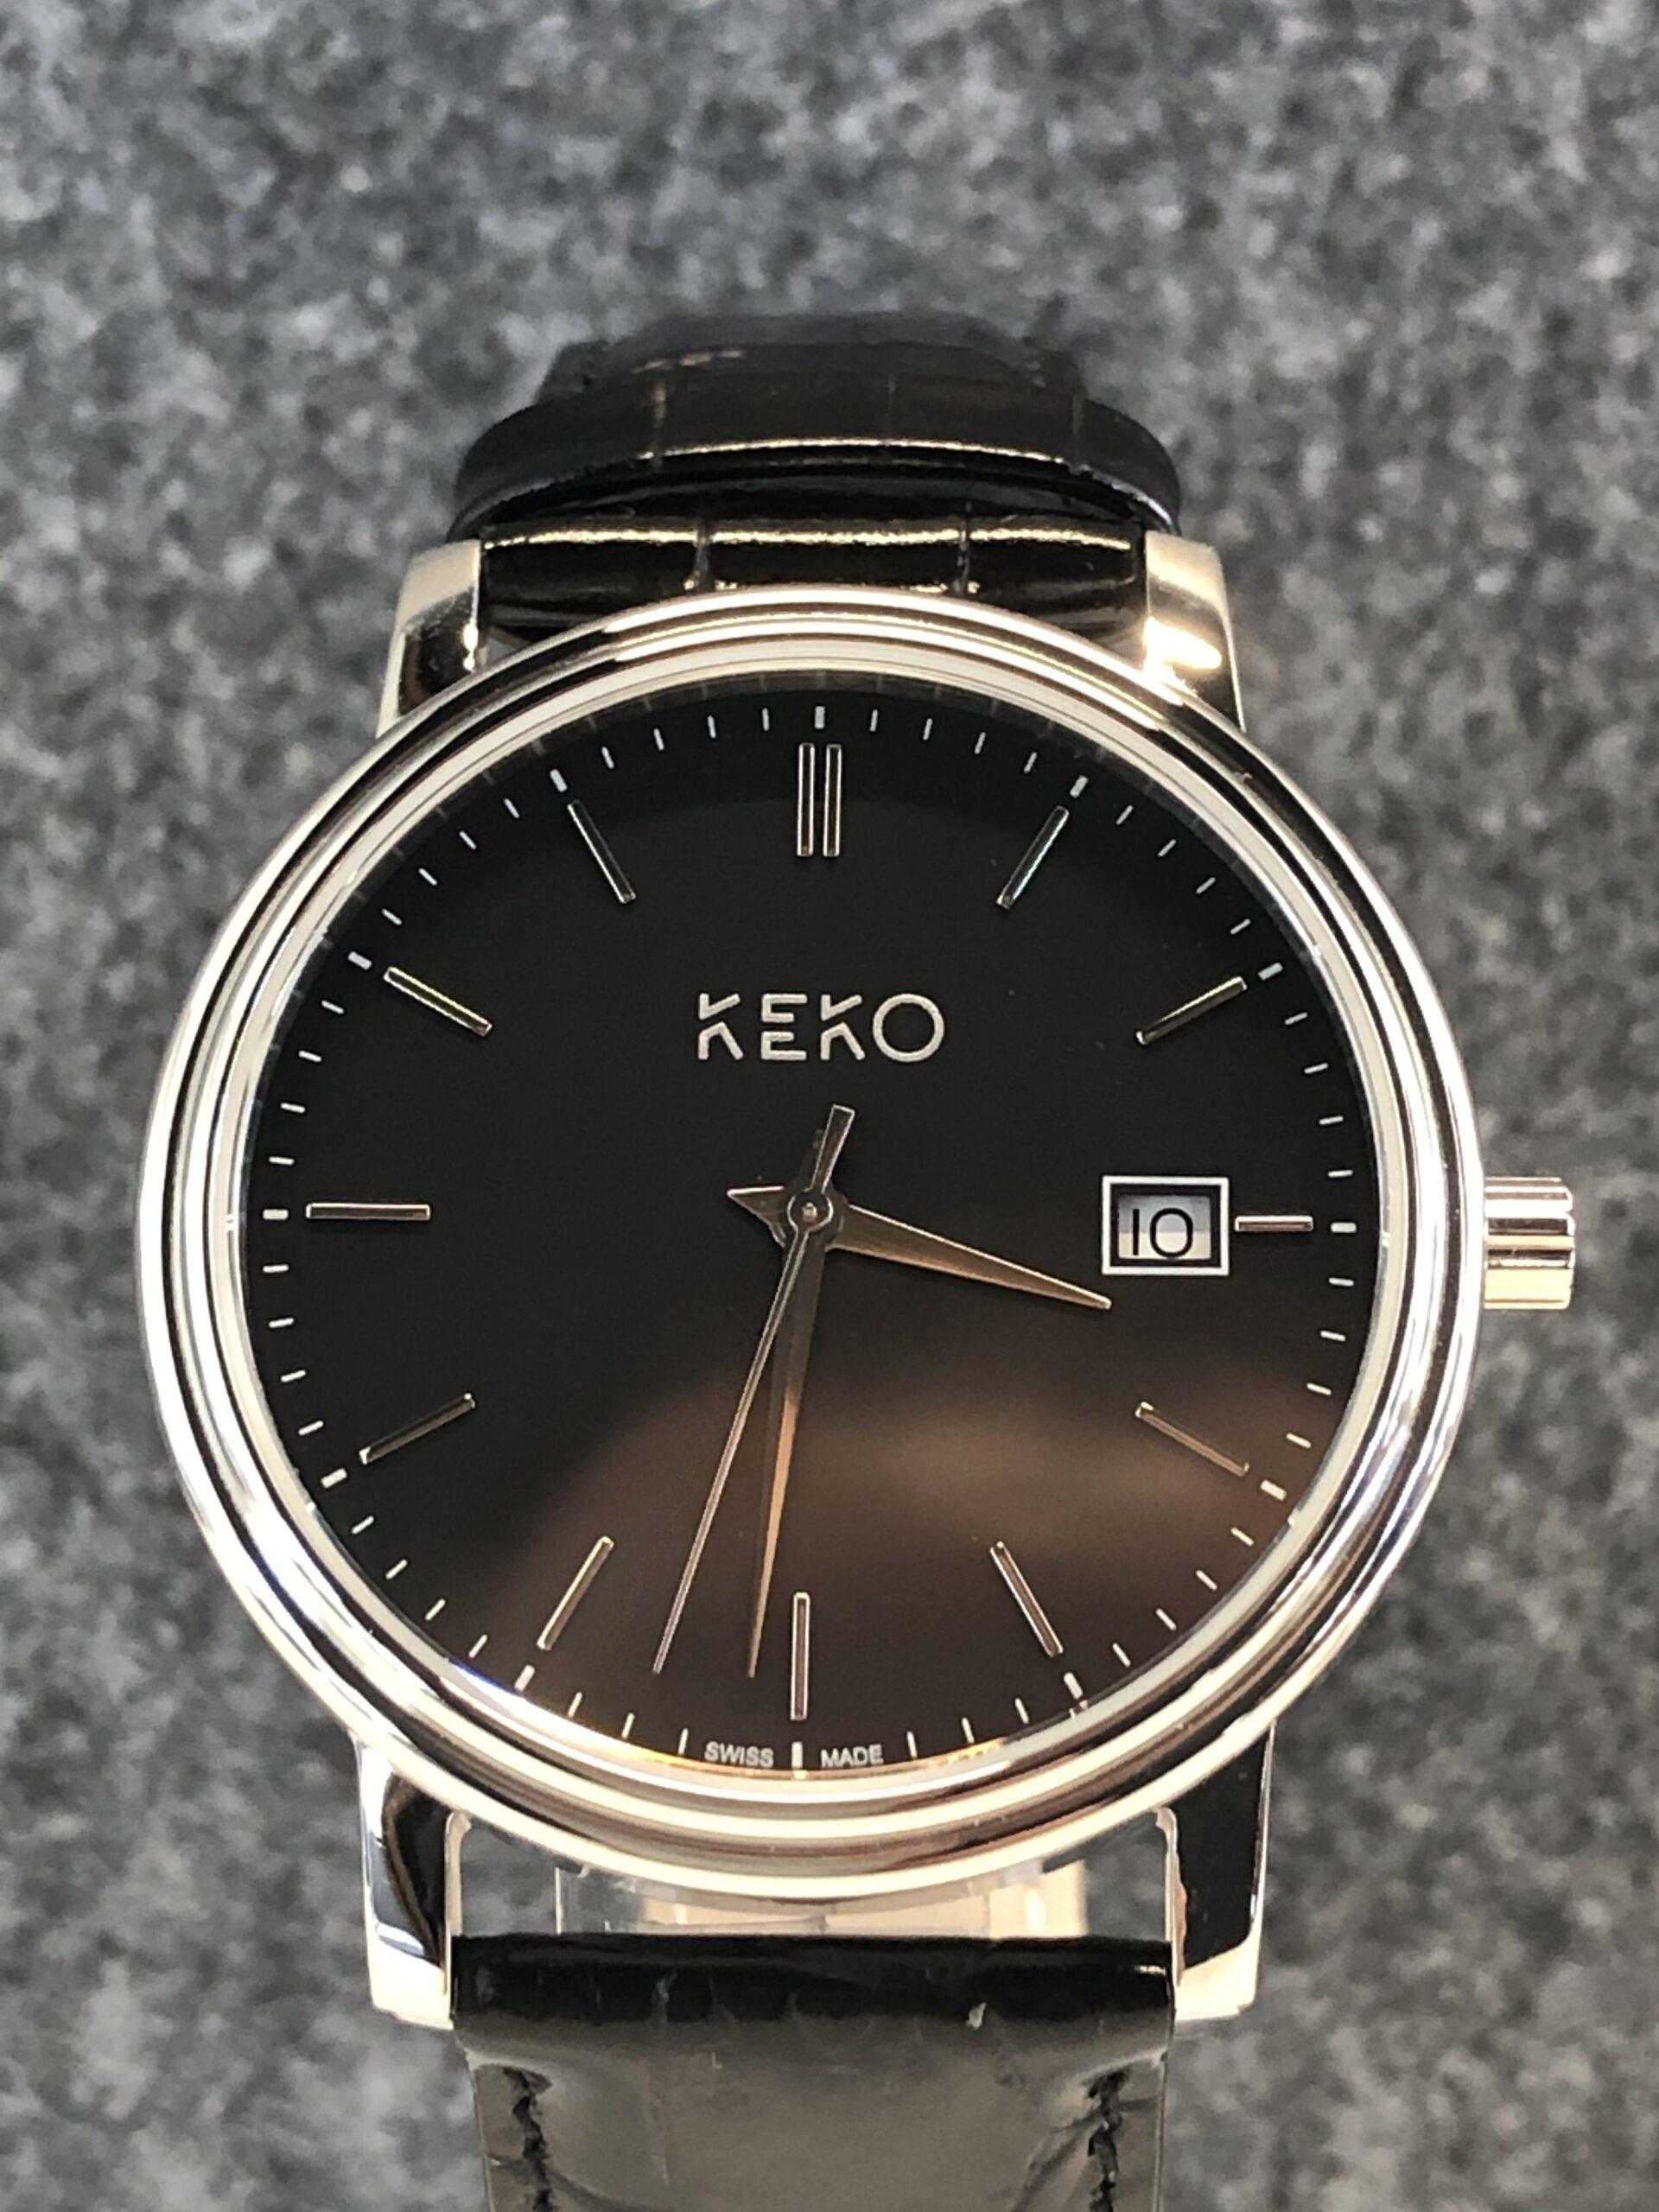 keko-uhr-classic-black-frontansicht-schwarzes-zifferblatt